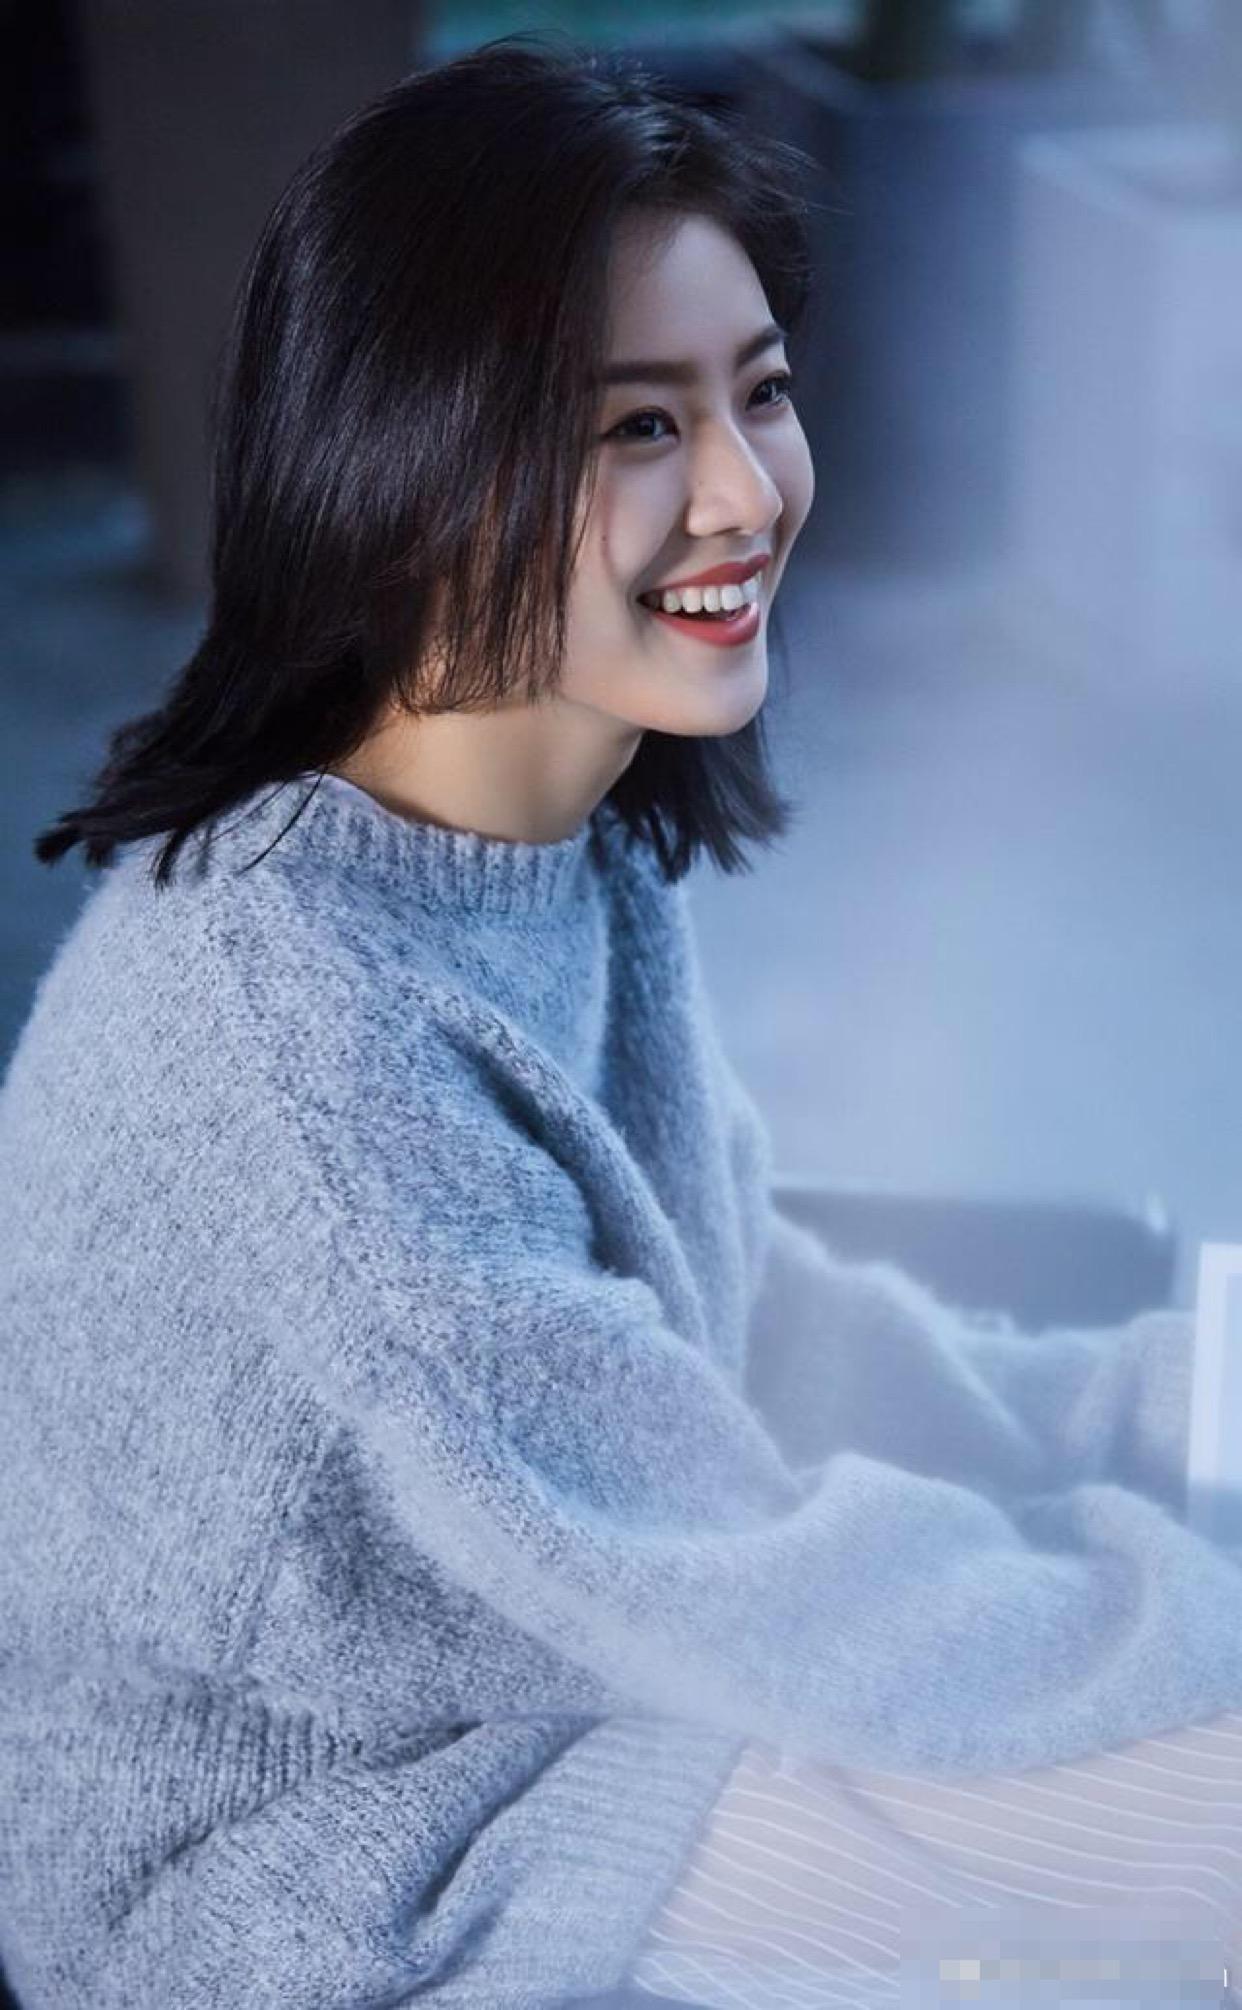 《中国机场长》最美女配不是张天爱,而是一直不太红的她插图(9)